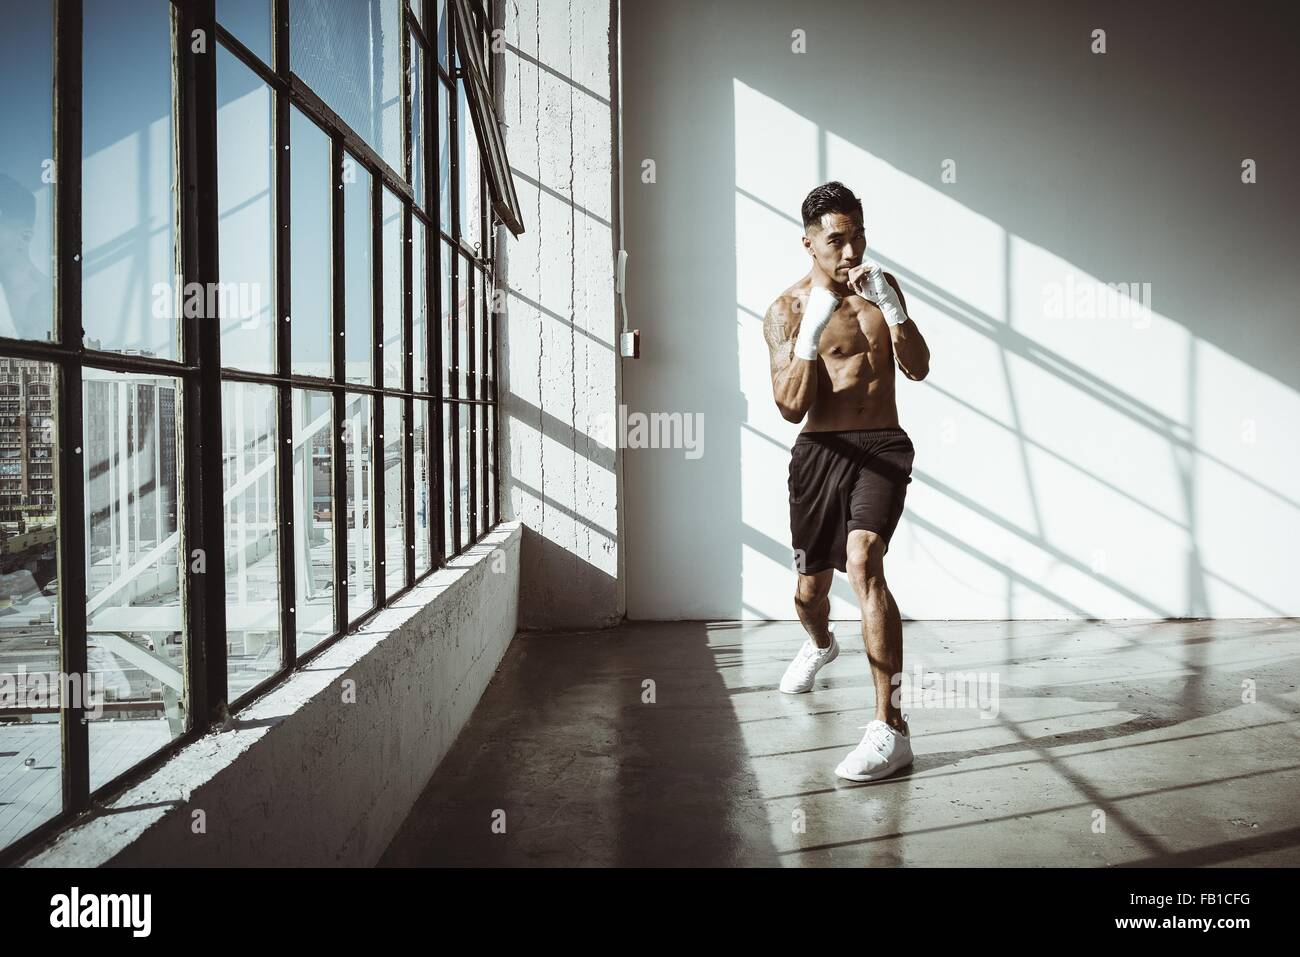 Vista frontal de la longitud completa de la joven en el gimnasio de boxeo postura mirando a la cámara Imagen De Stock